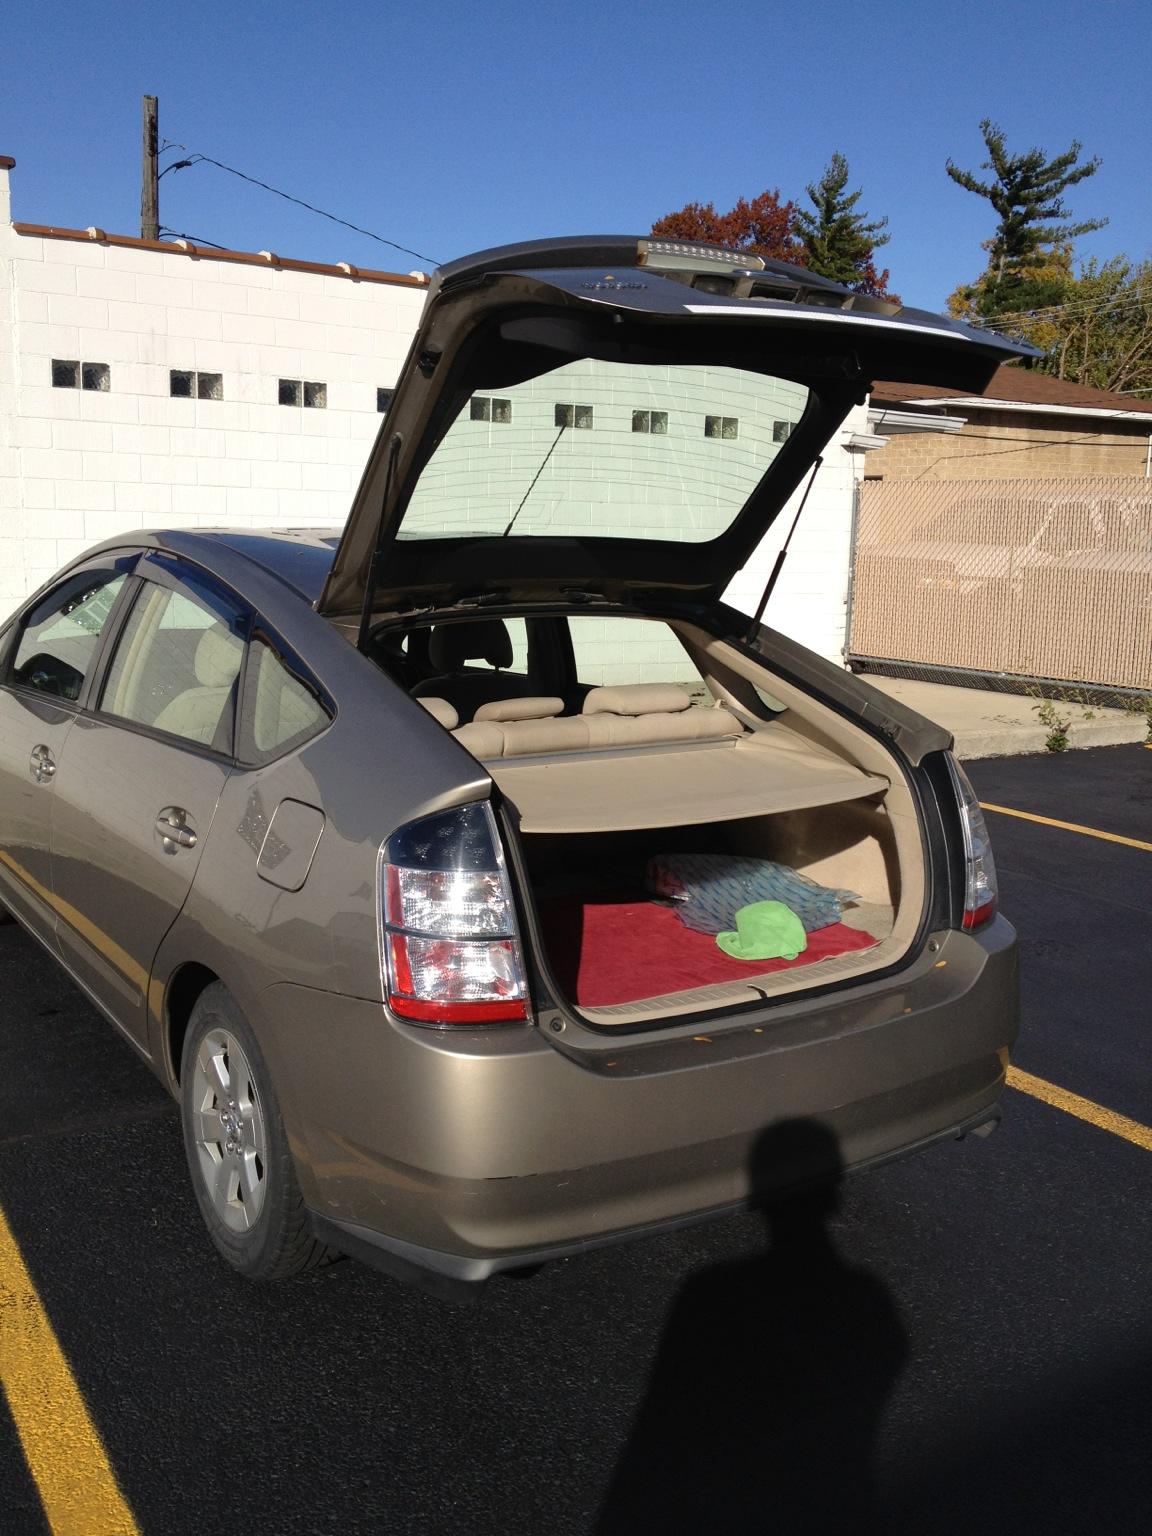 05年 Toyota Prius  油电混合动力